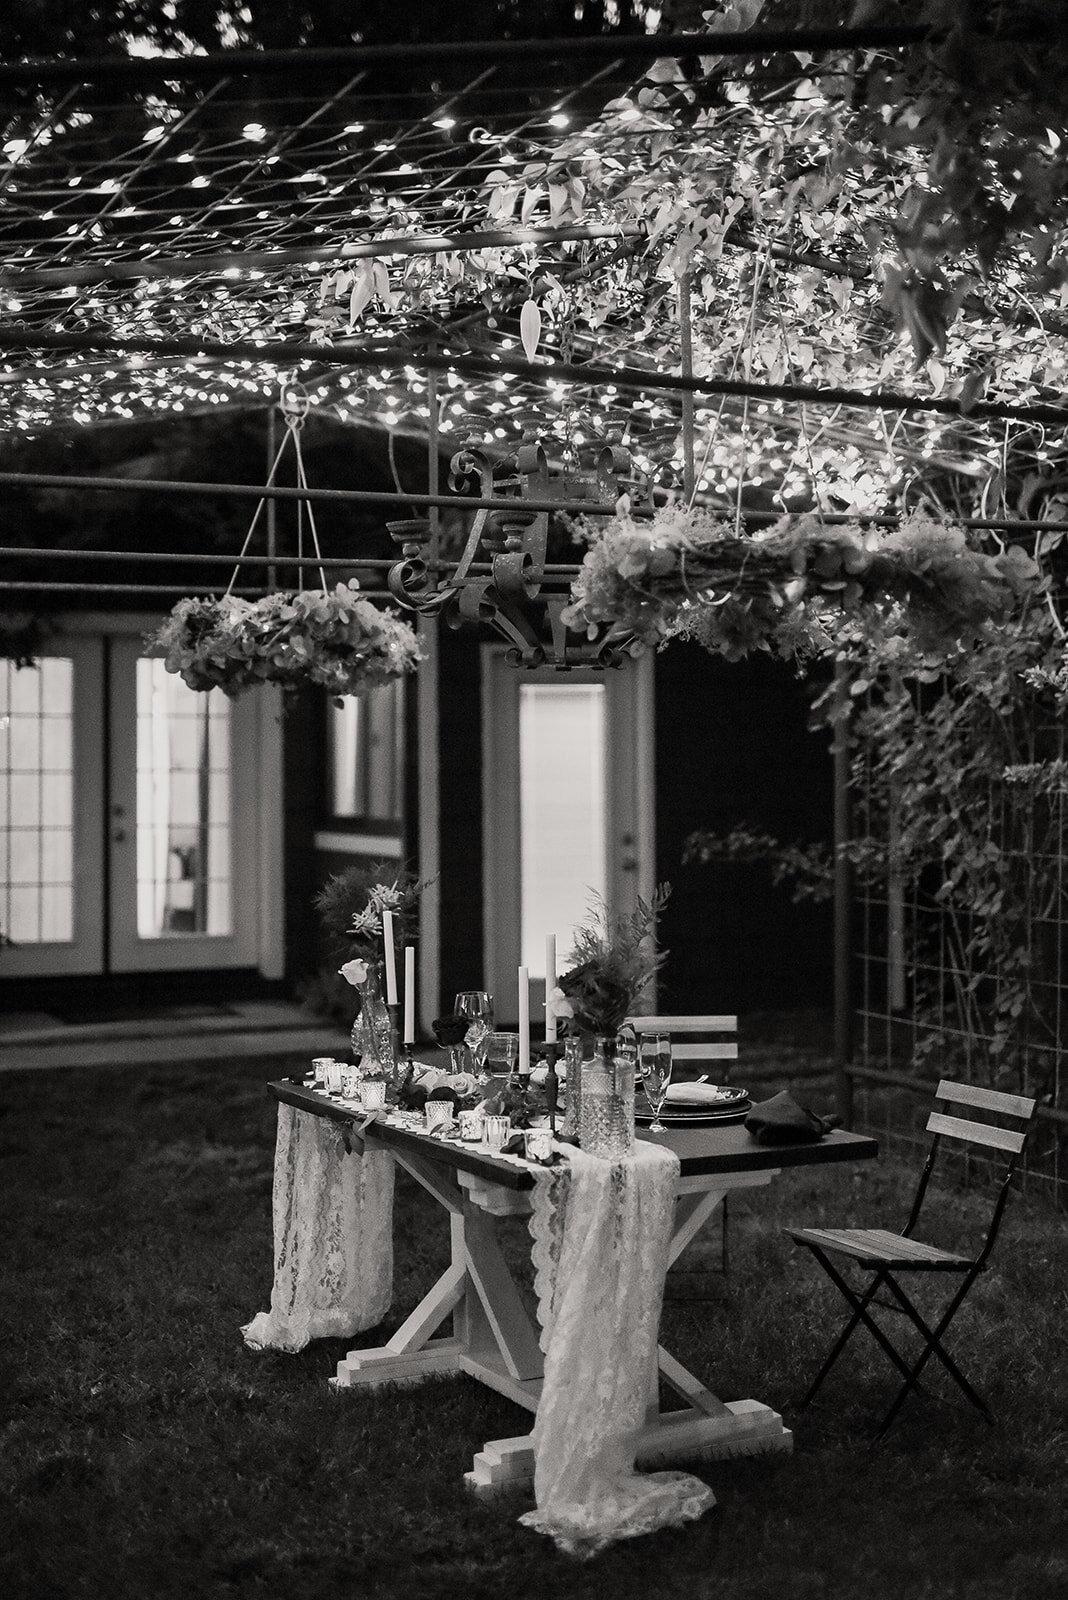 Daffodil Hill Bethany, Bethany wedding photographer, Oklahoma City wedding photographer, Oklahoma wedding photographer, outdoor weddings